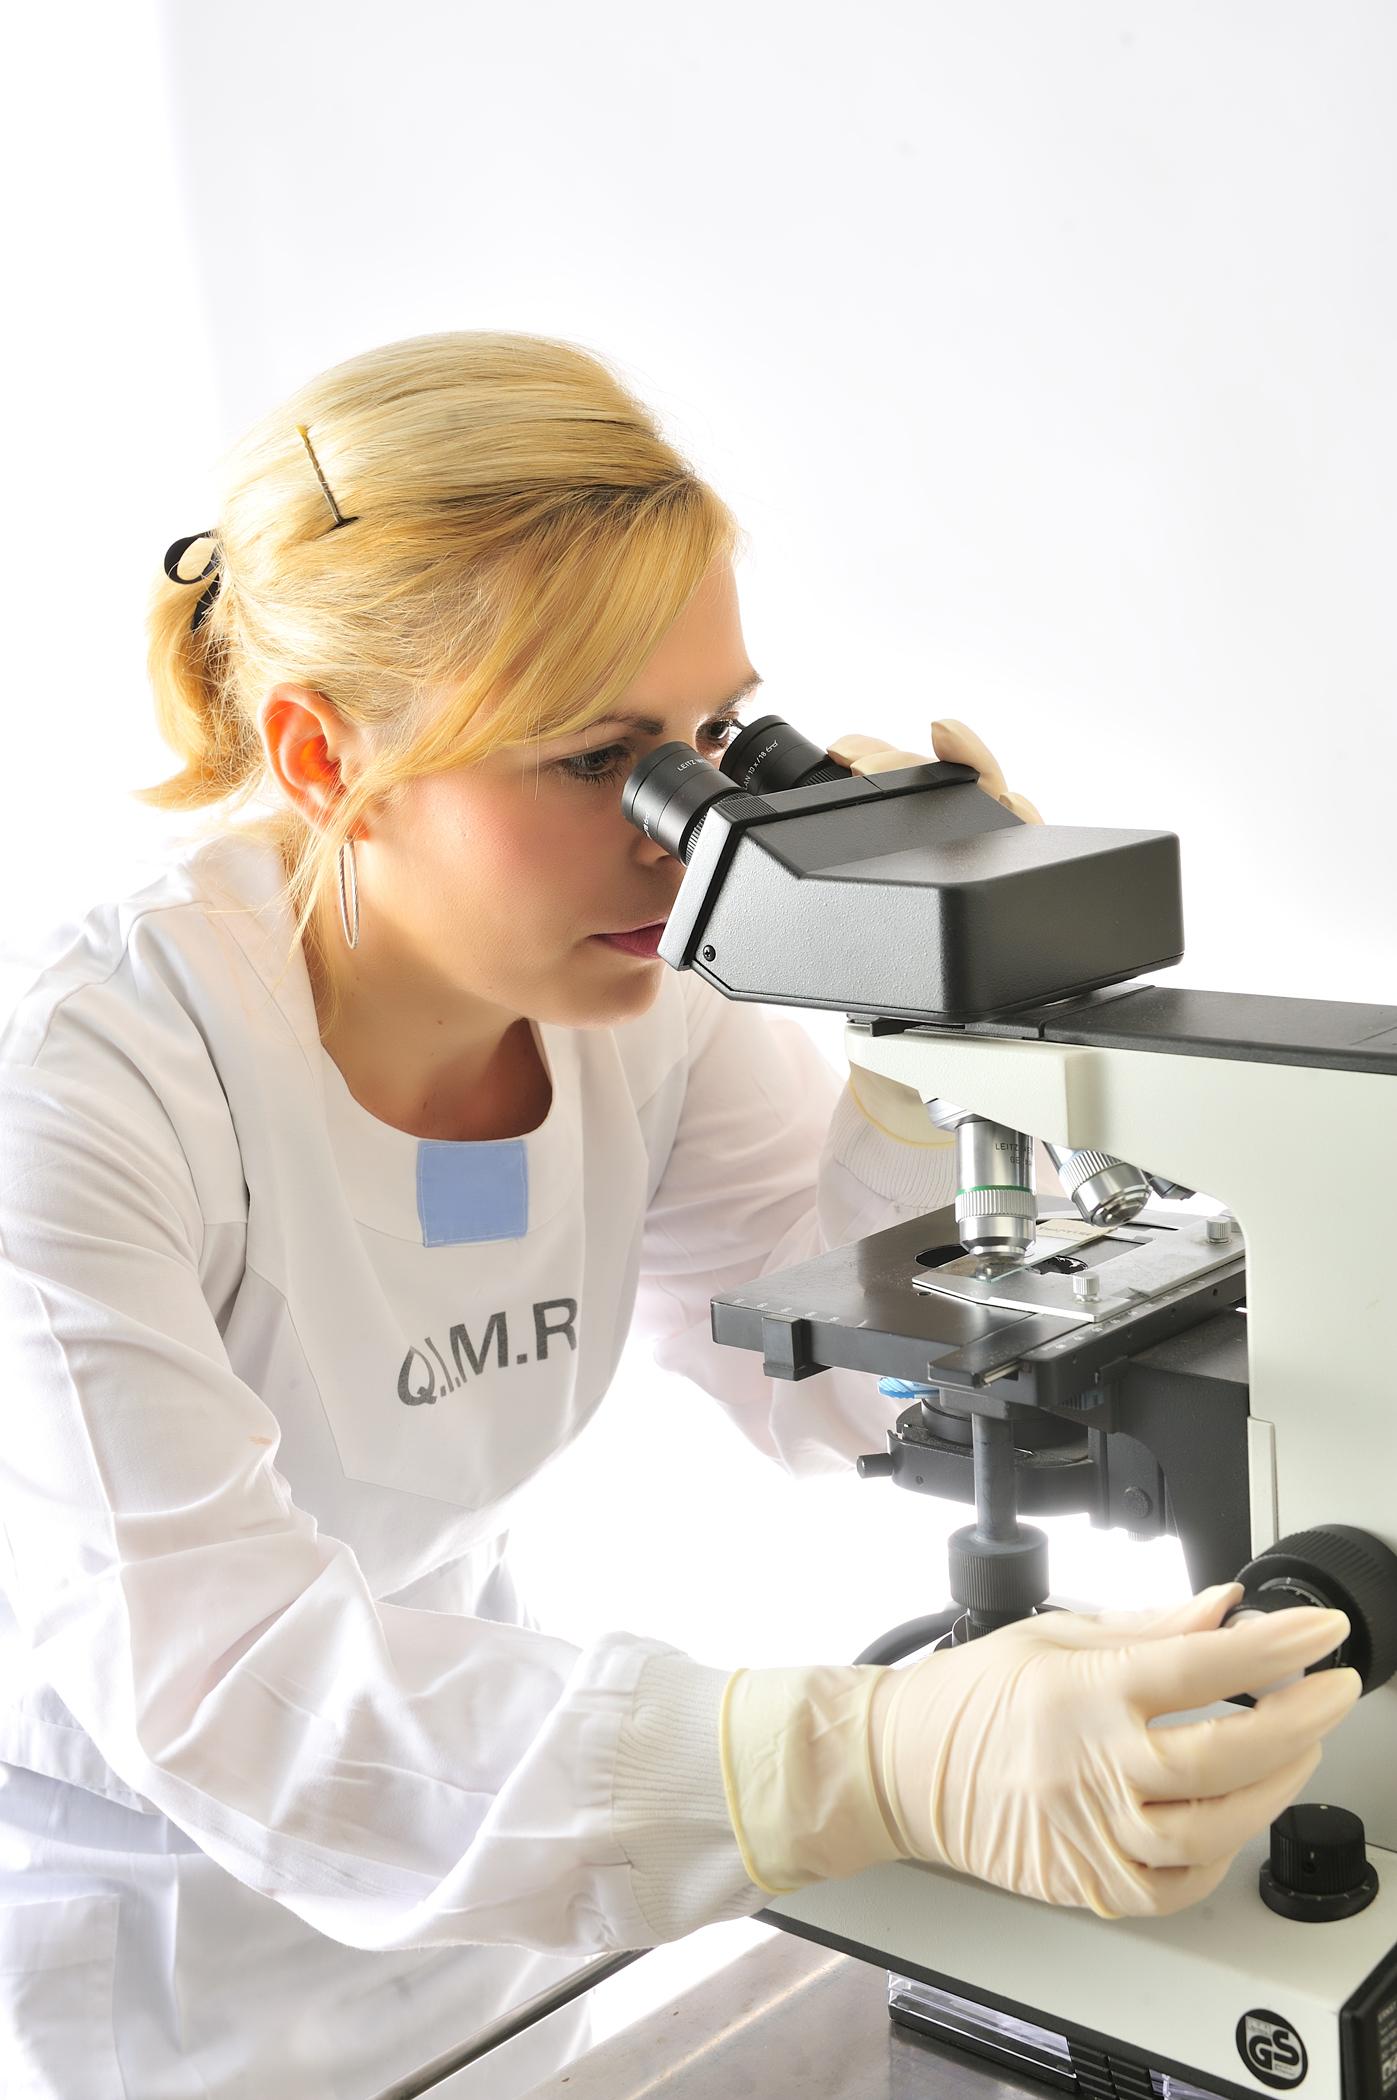 qimr melanoma test - photo #33